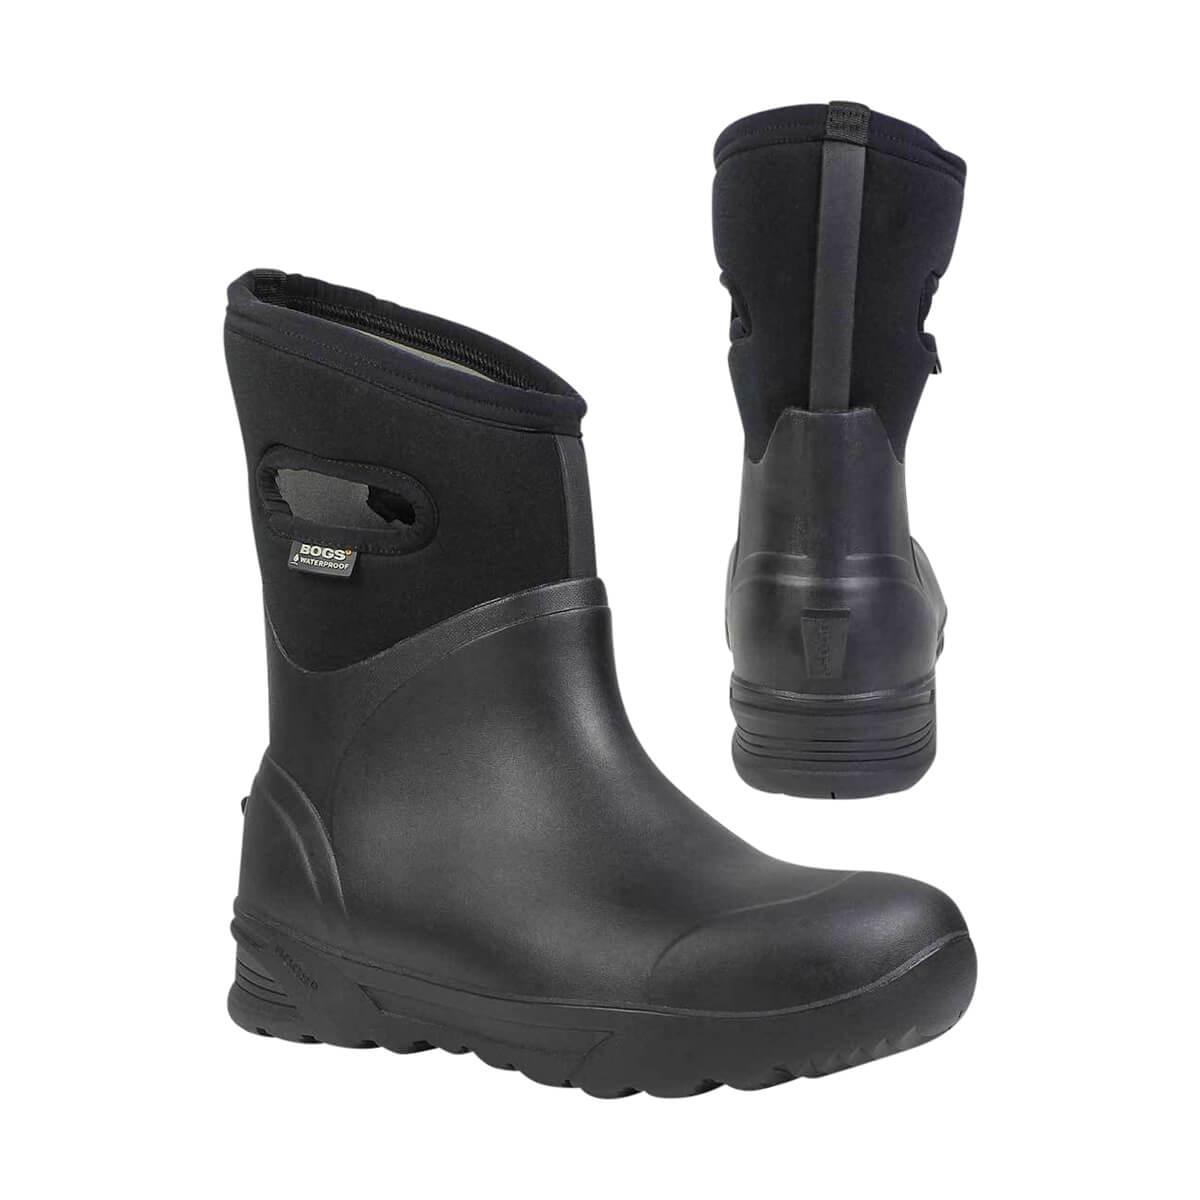 Men's Bogs Bozeman Mid Boots